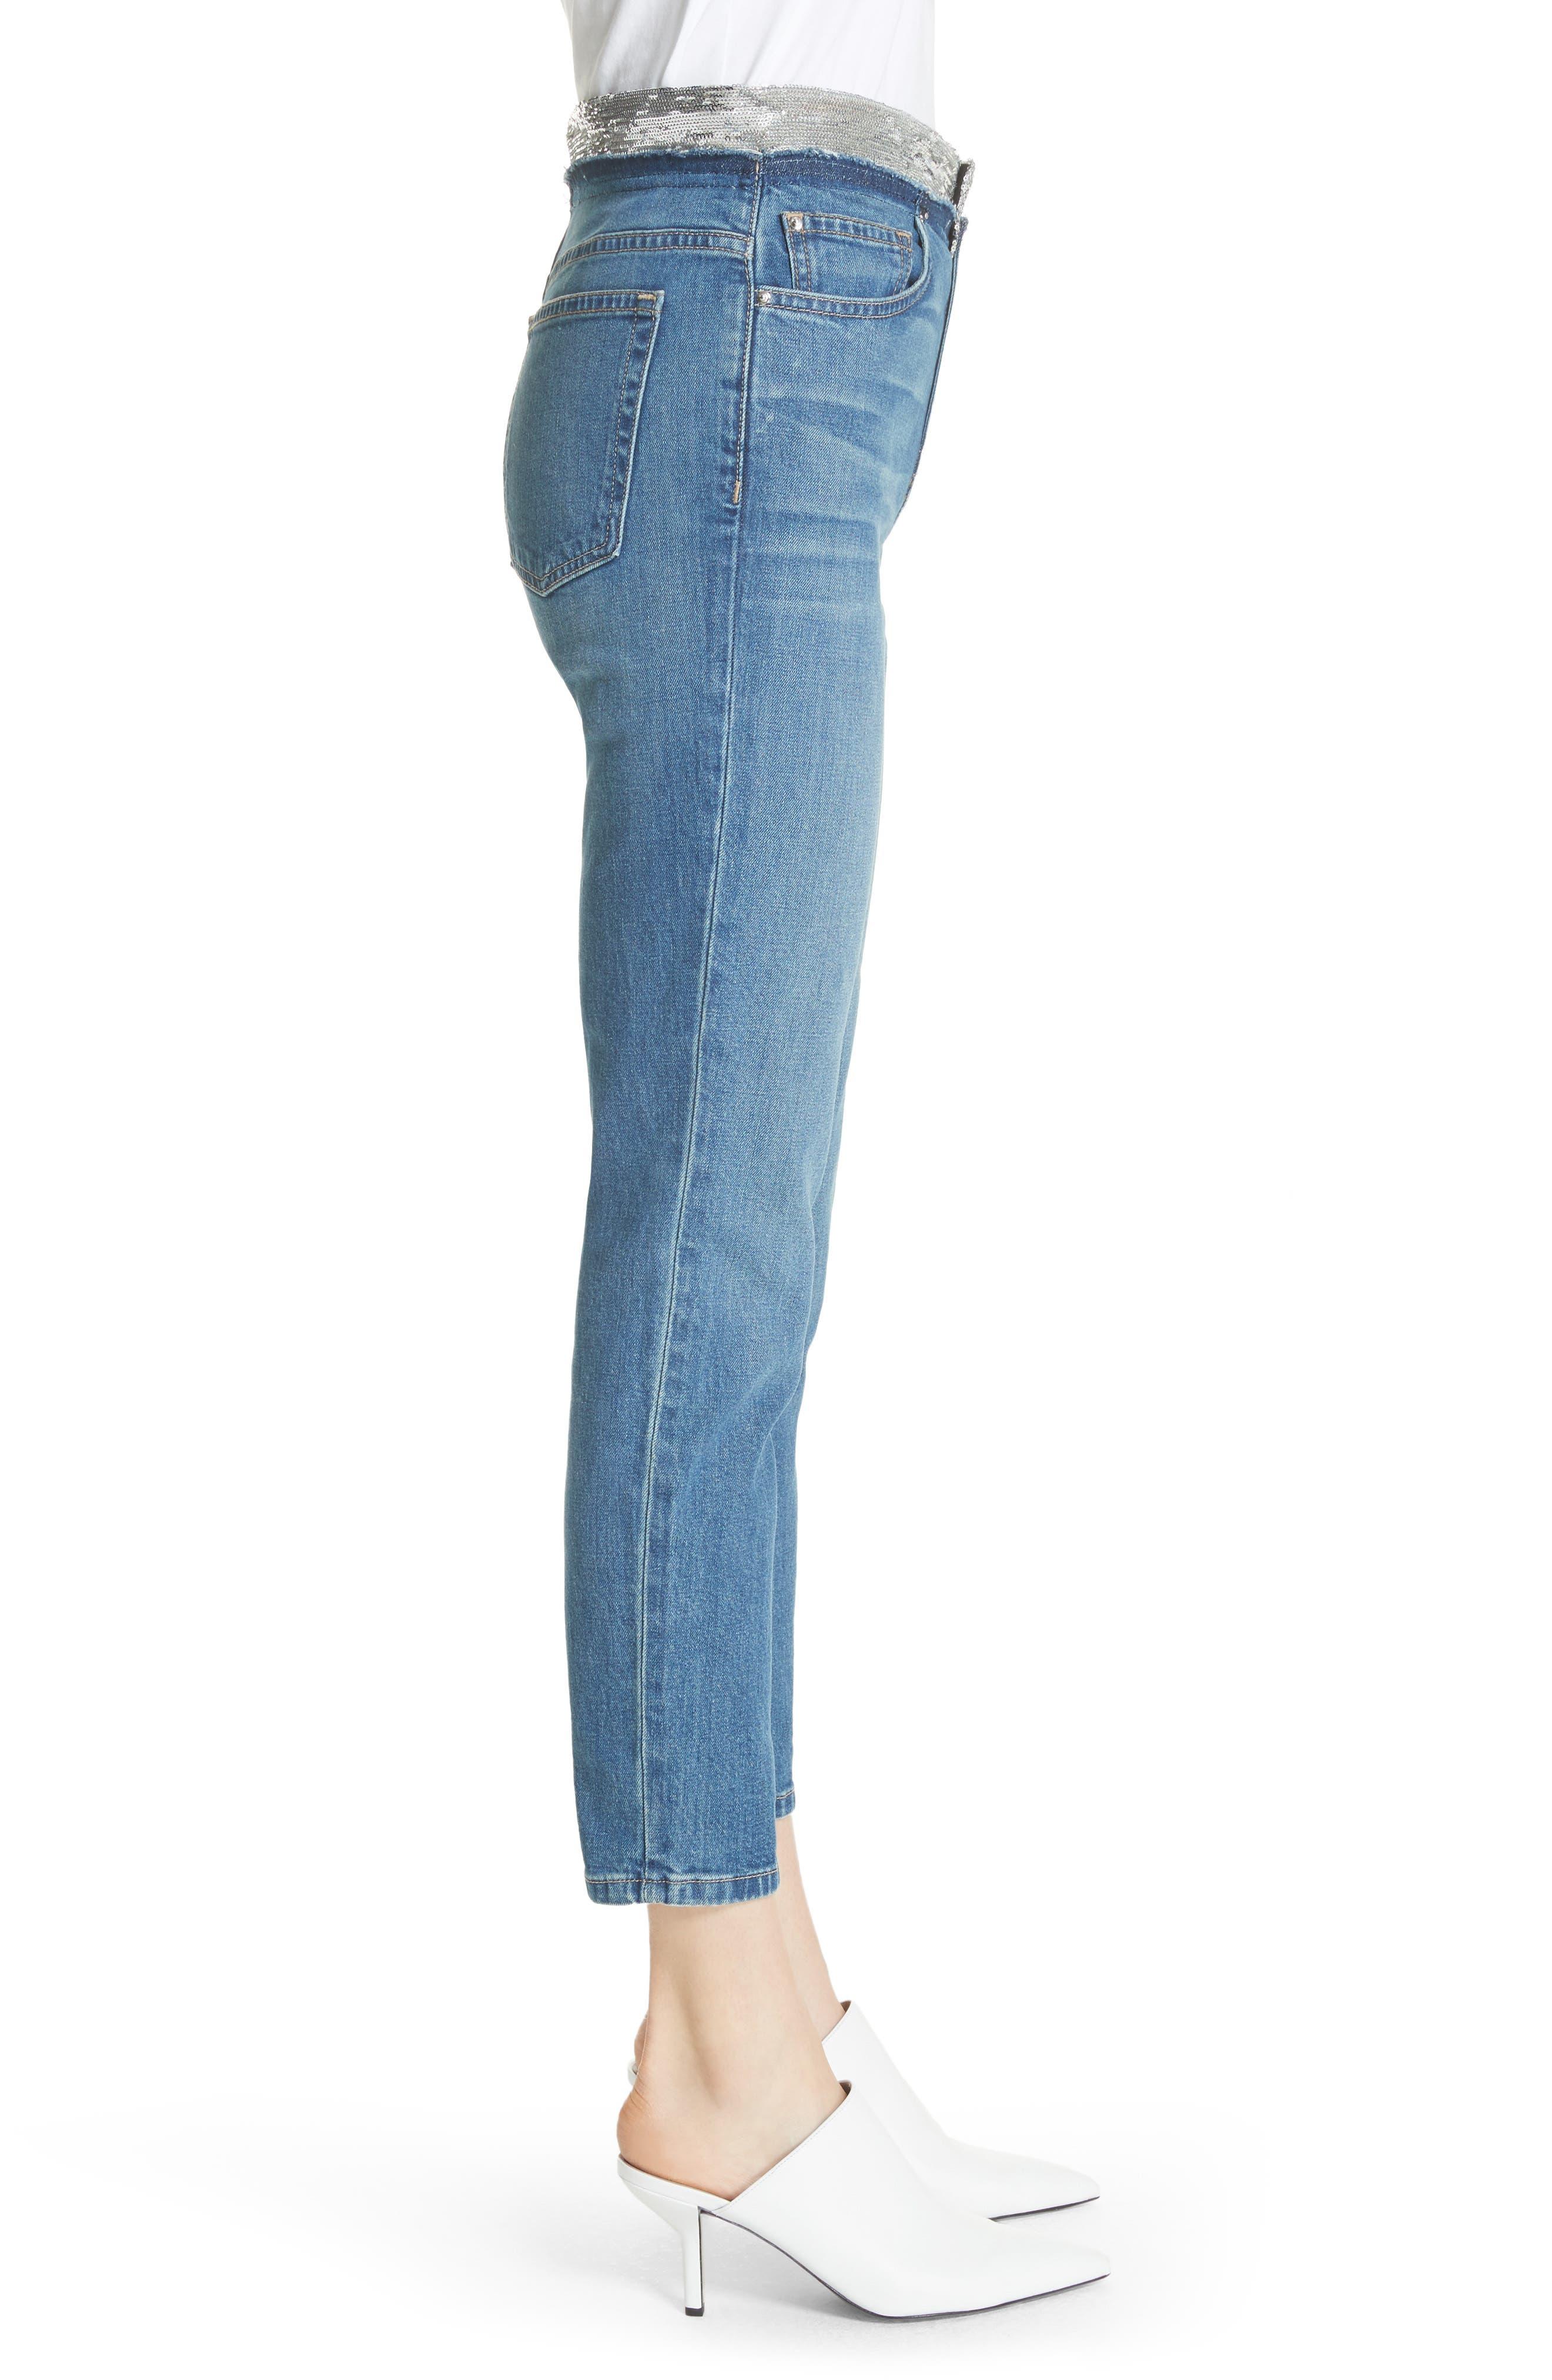 Jones Crop Jeans,                             Alternate thumbnail 3, color,                             Stone Blue